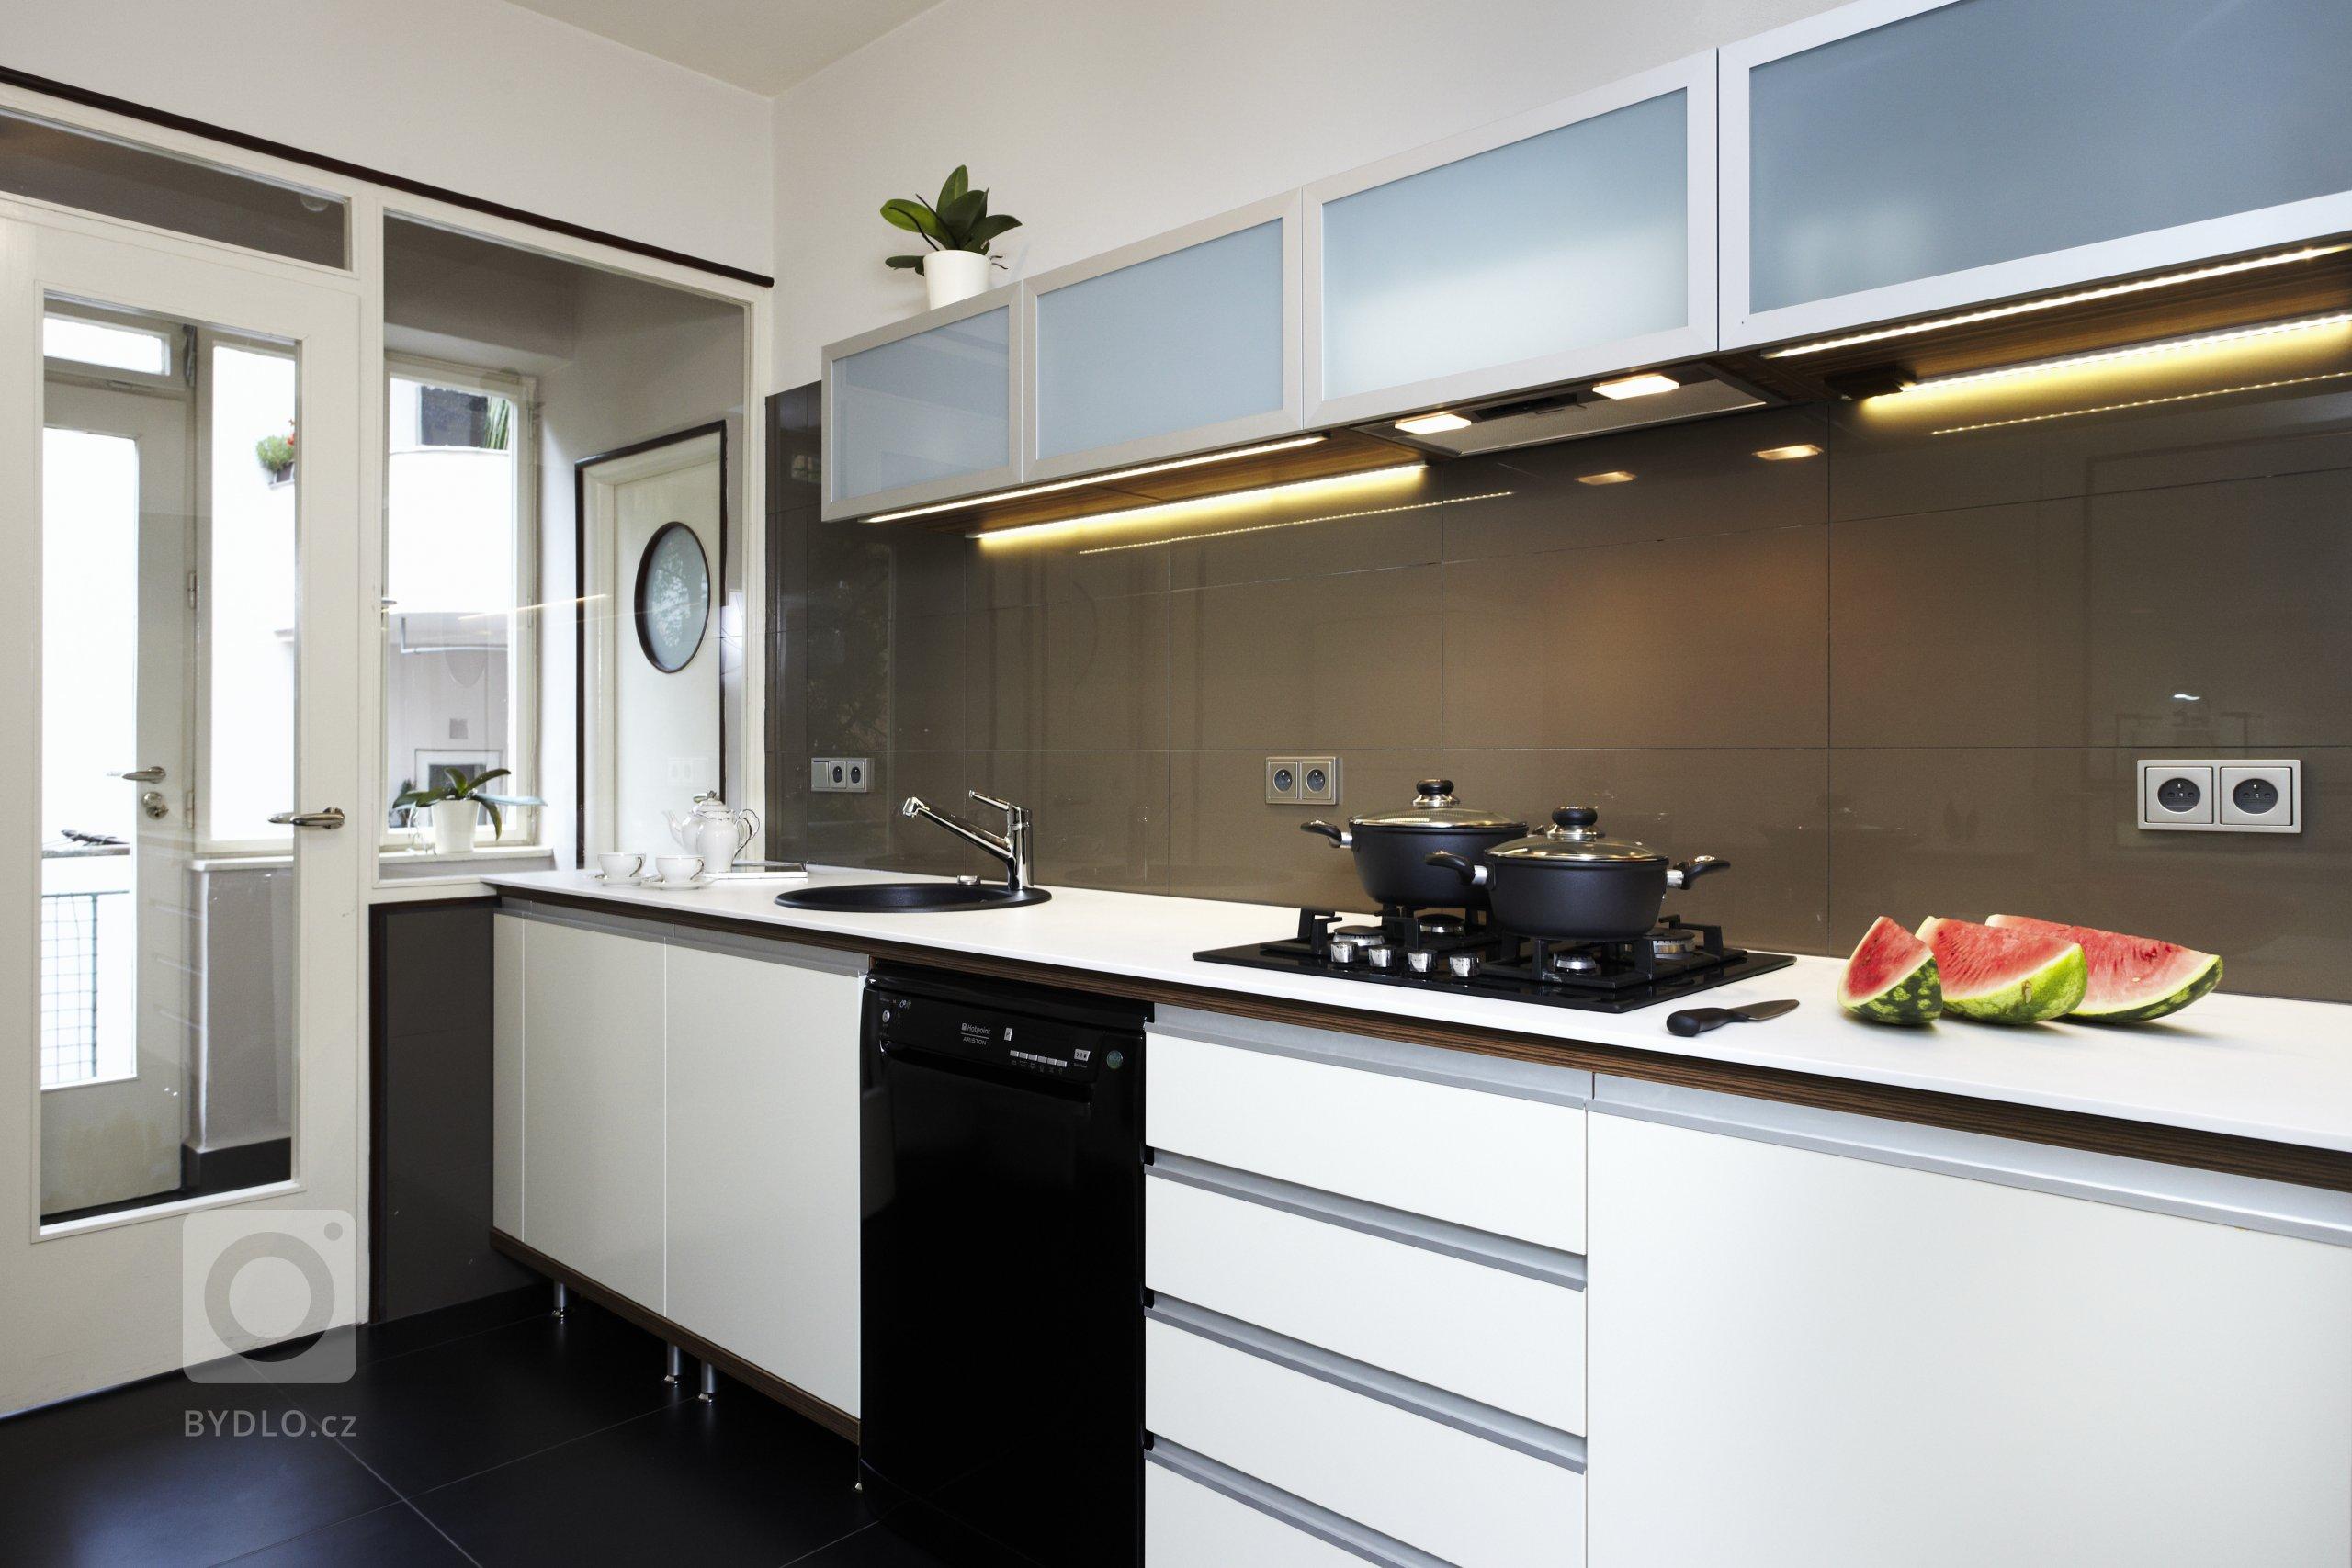 Spojení moderní technologie sretro designemdodává kuchyňskémuprostoru pocit útulného domova. Kuchyněje důležitýmmístem střetávání…